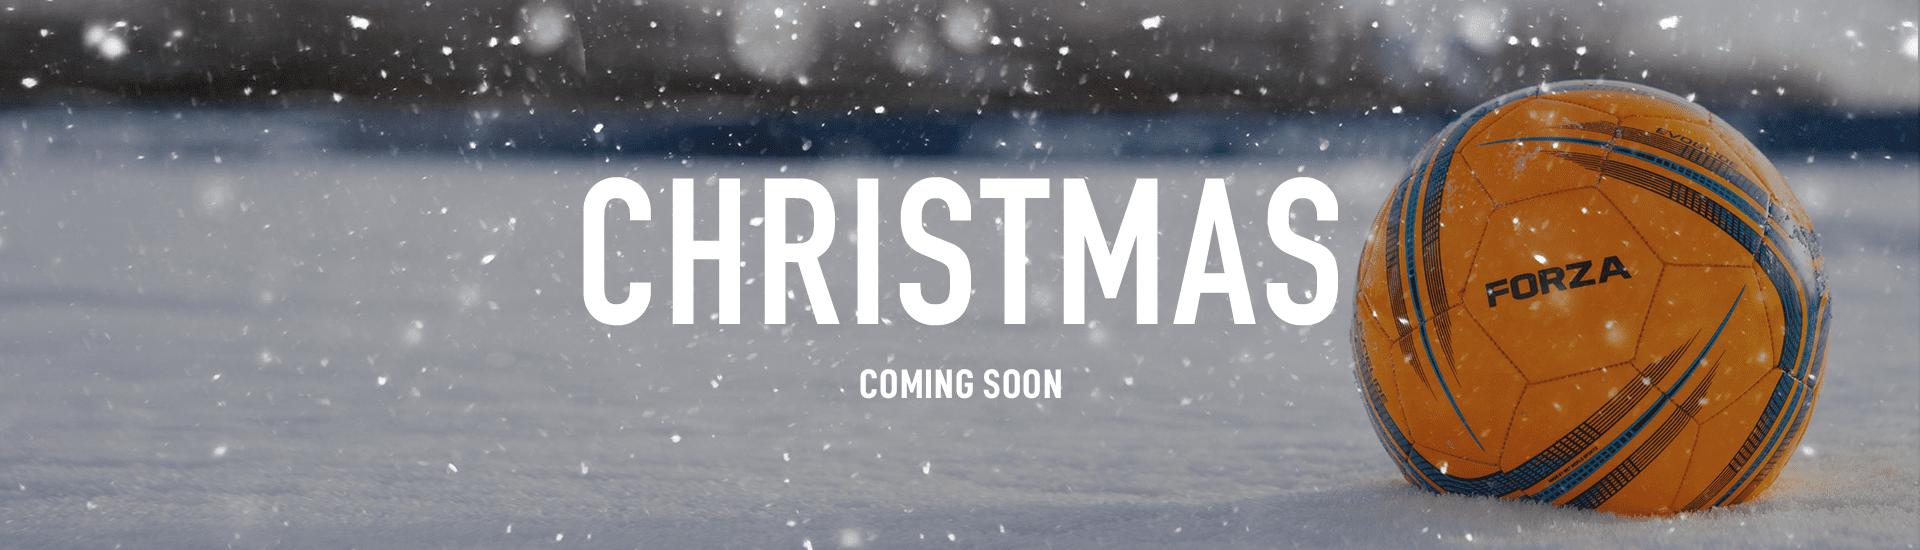 Christmas Coming Soon